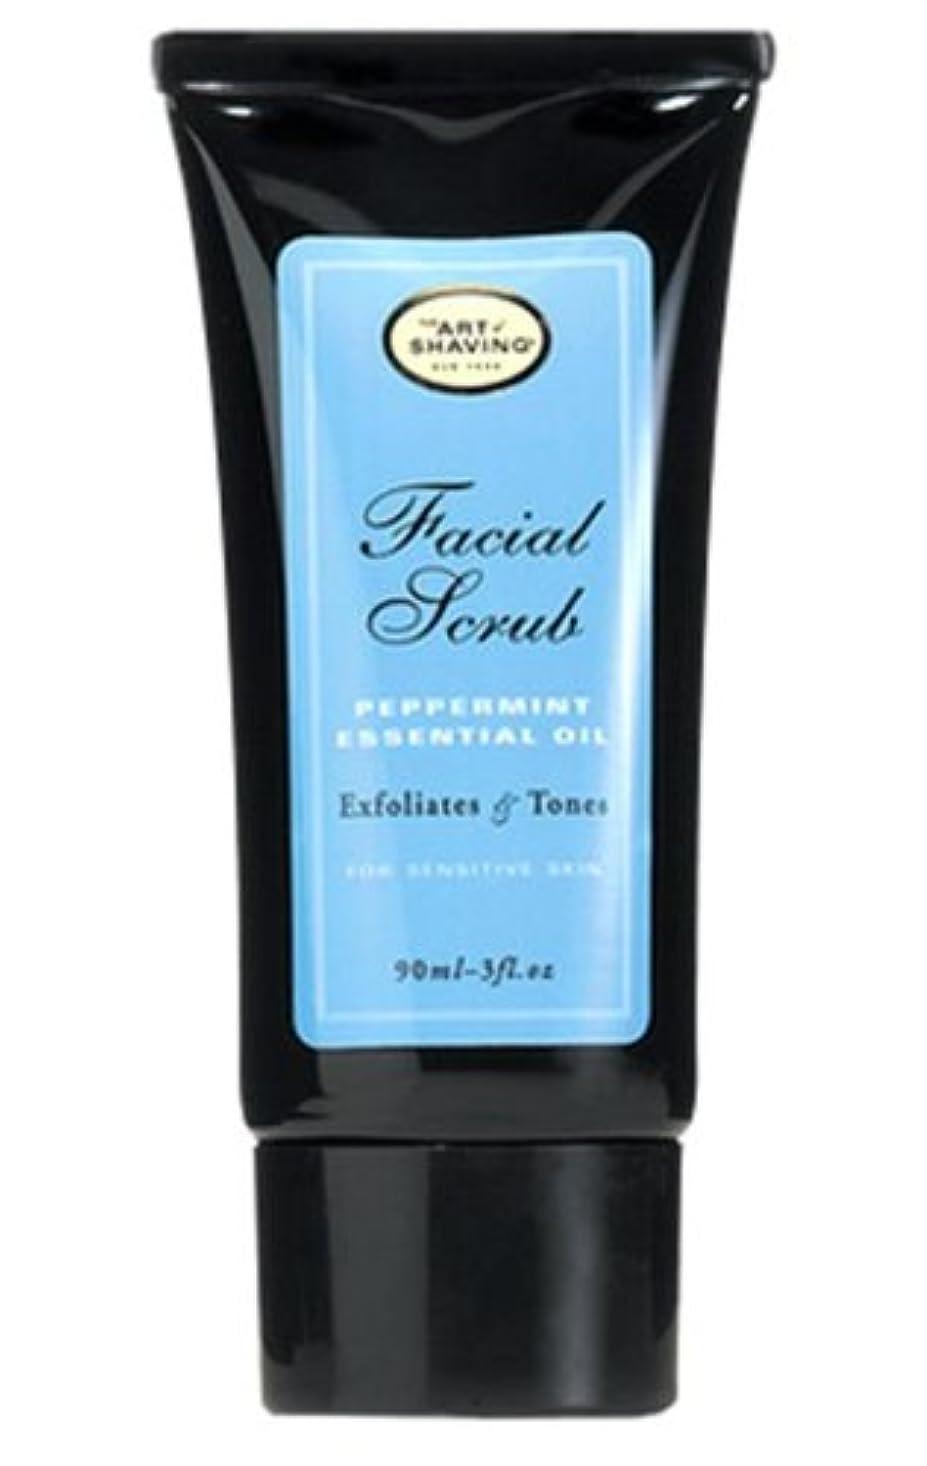 食欲寝る不公平The Art Of Shaving Facial Scrub With Peppermint Essential Oil (並行輸入品) [並行輸入品]